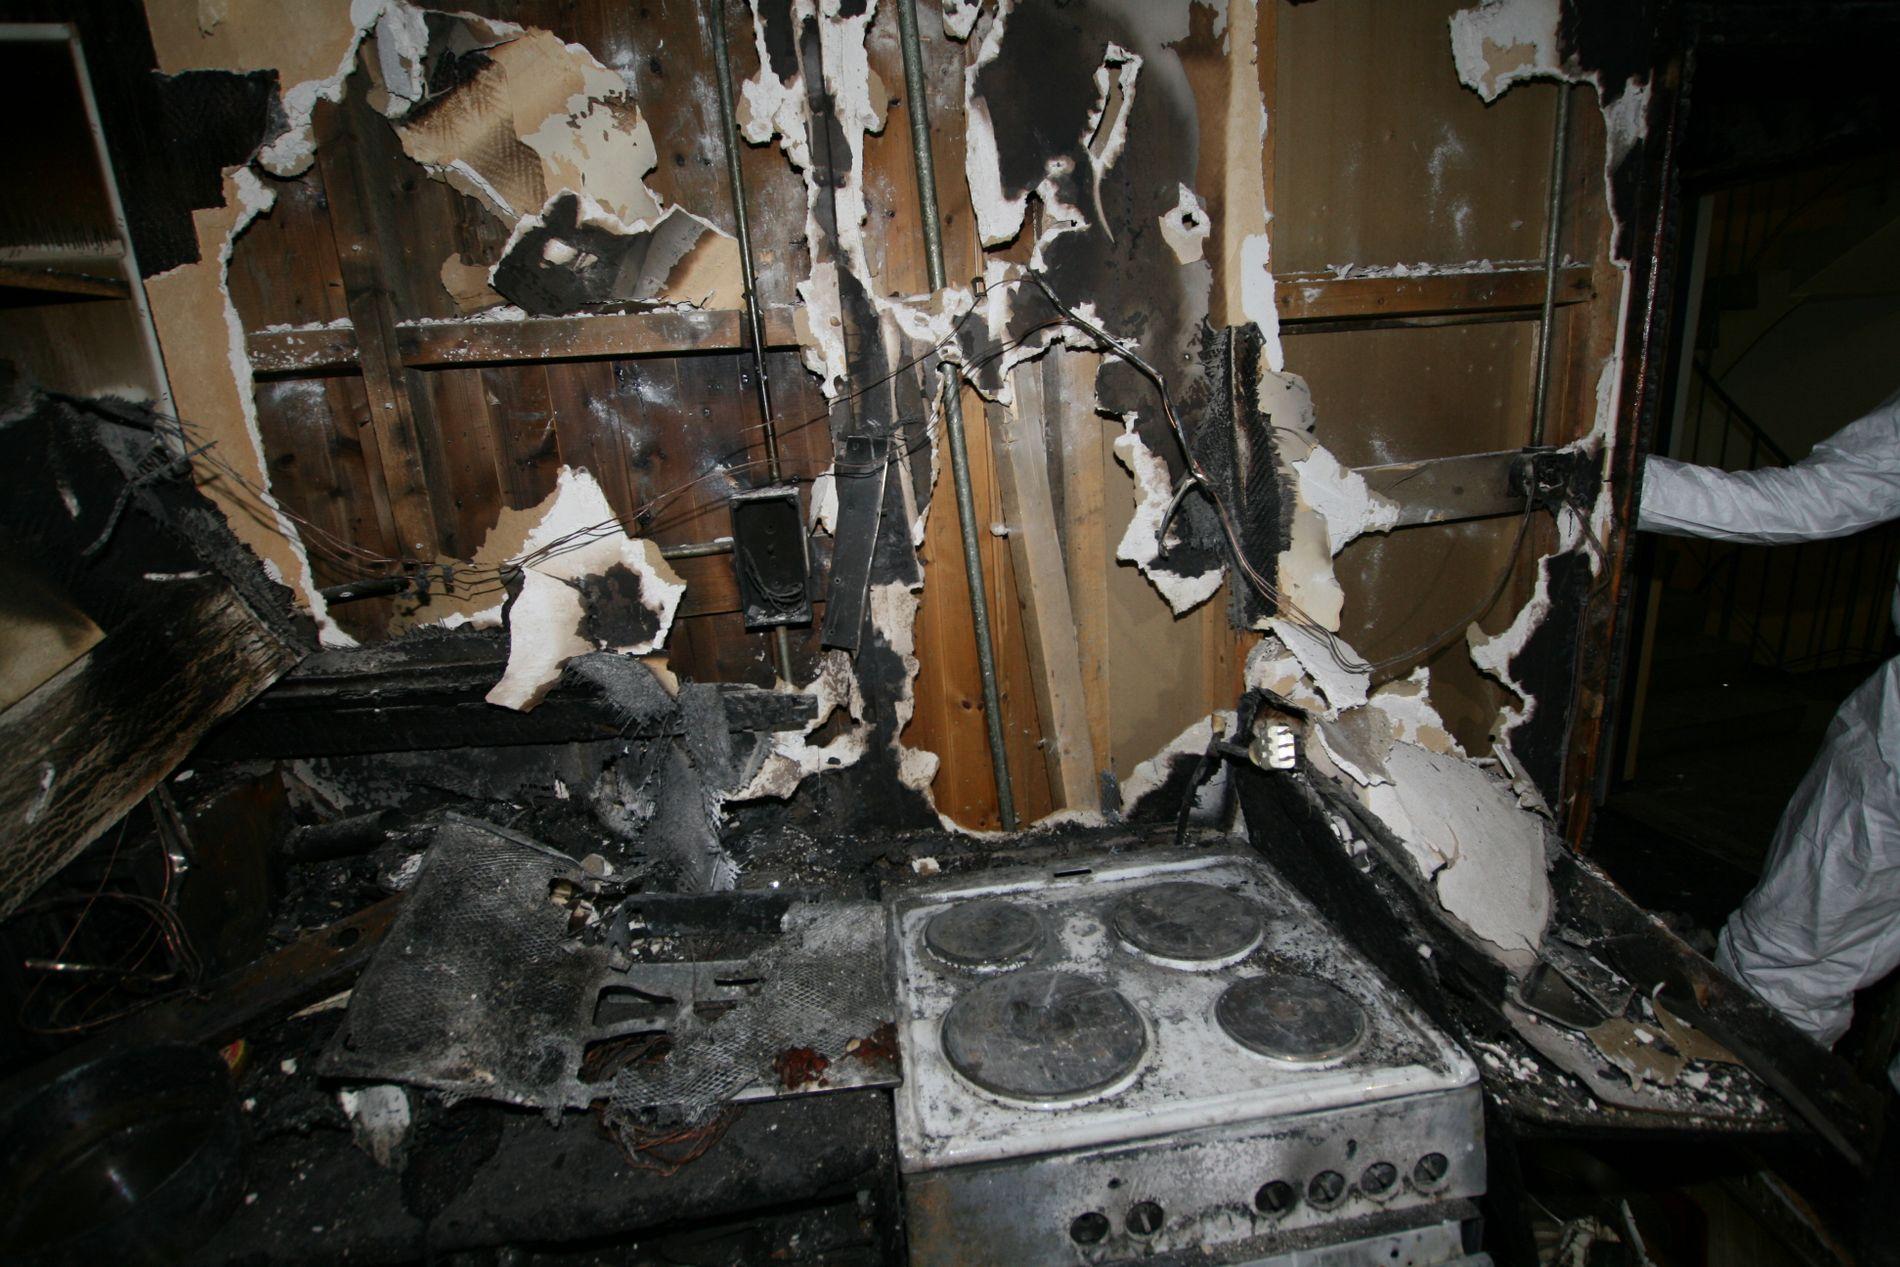 VERSTING: Veldig mange branner starter på kjøkkenet. Brannvesenet foreslår å legge komfyrvakt under juletreet til de som ikke har gått til anskaffelse av dette ennå.